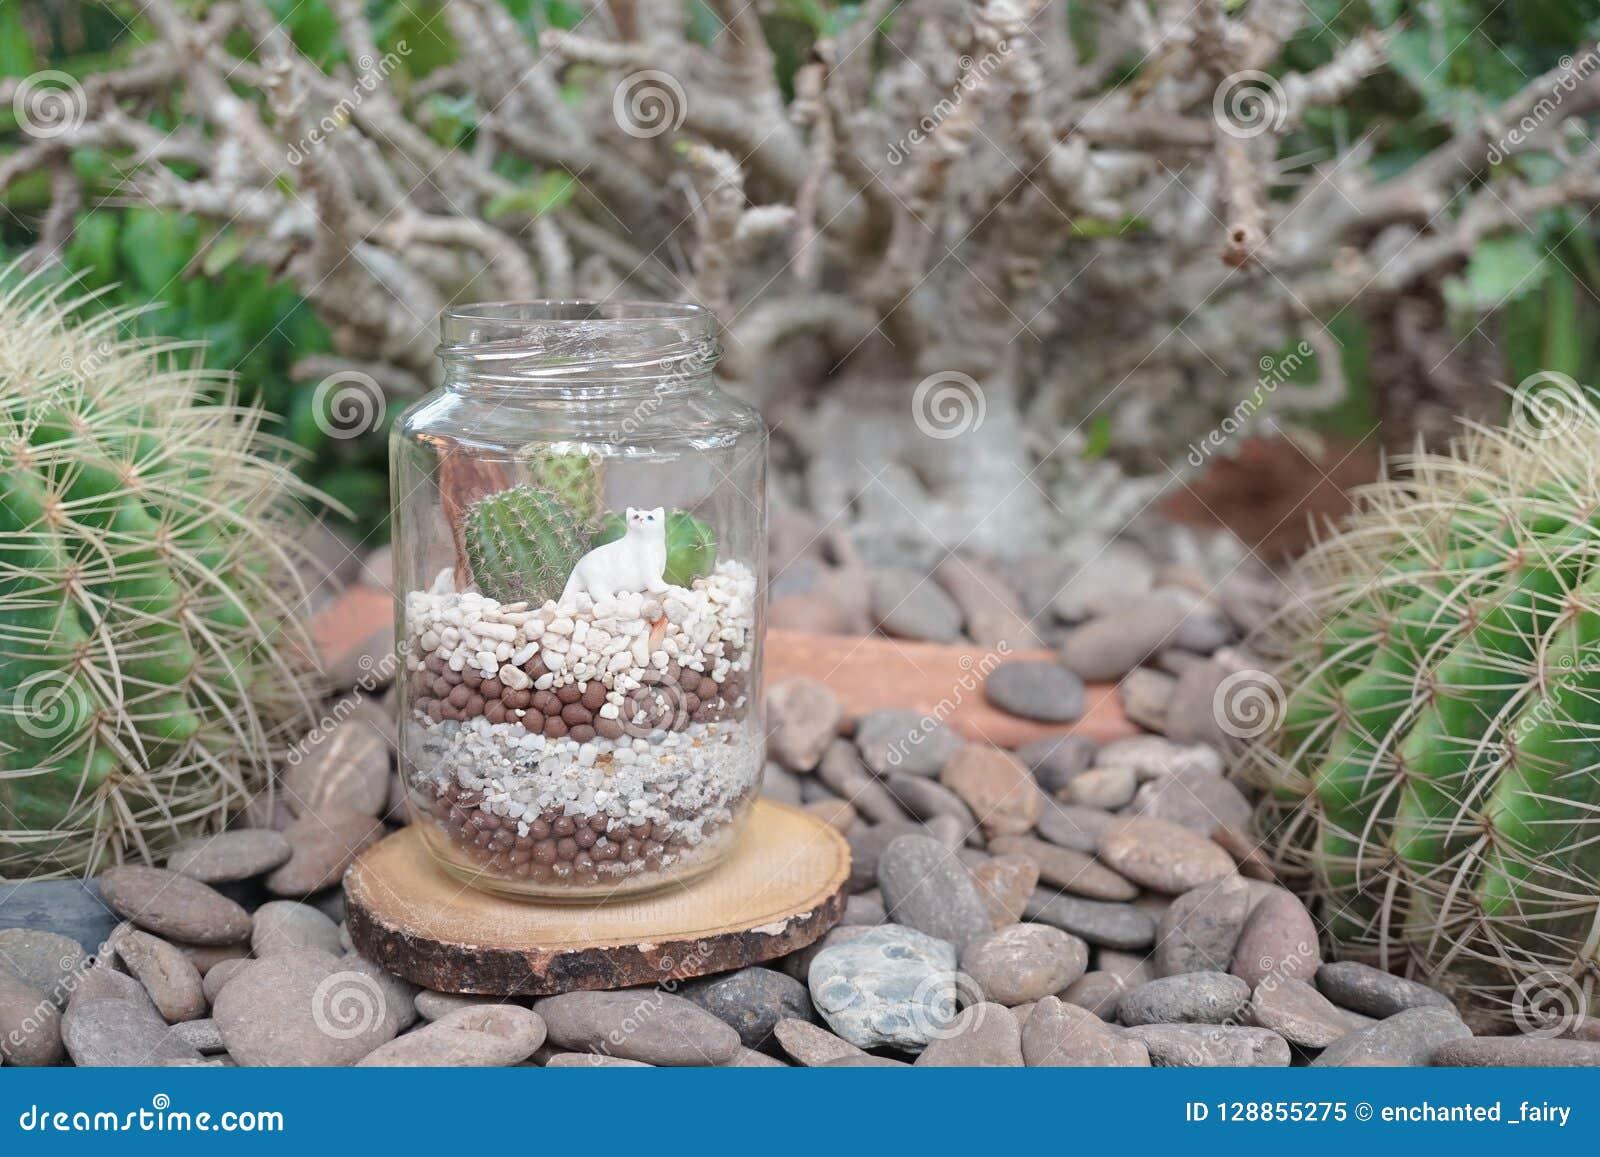 Cactus Terrarium Mini Succulent Garden In Glass Bottle Terrarium